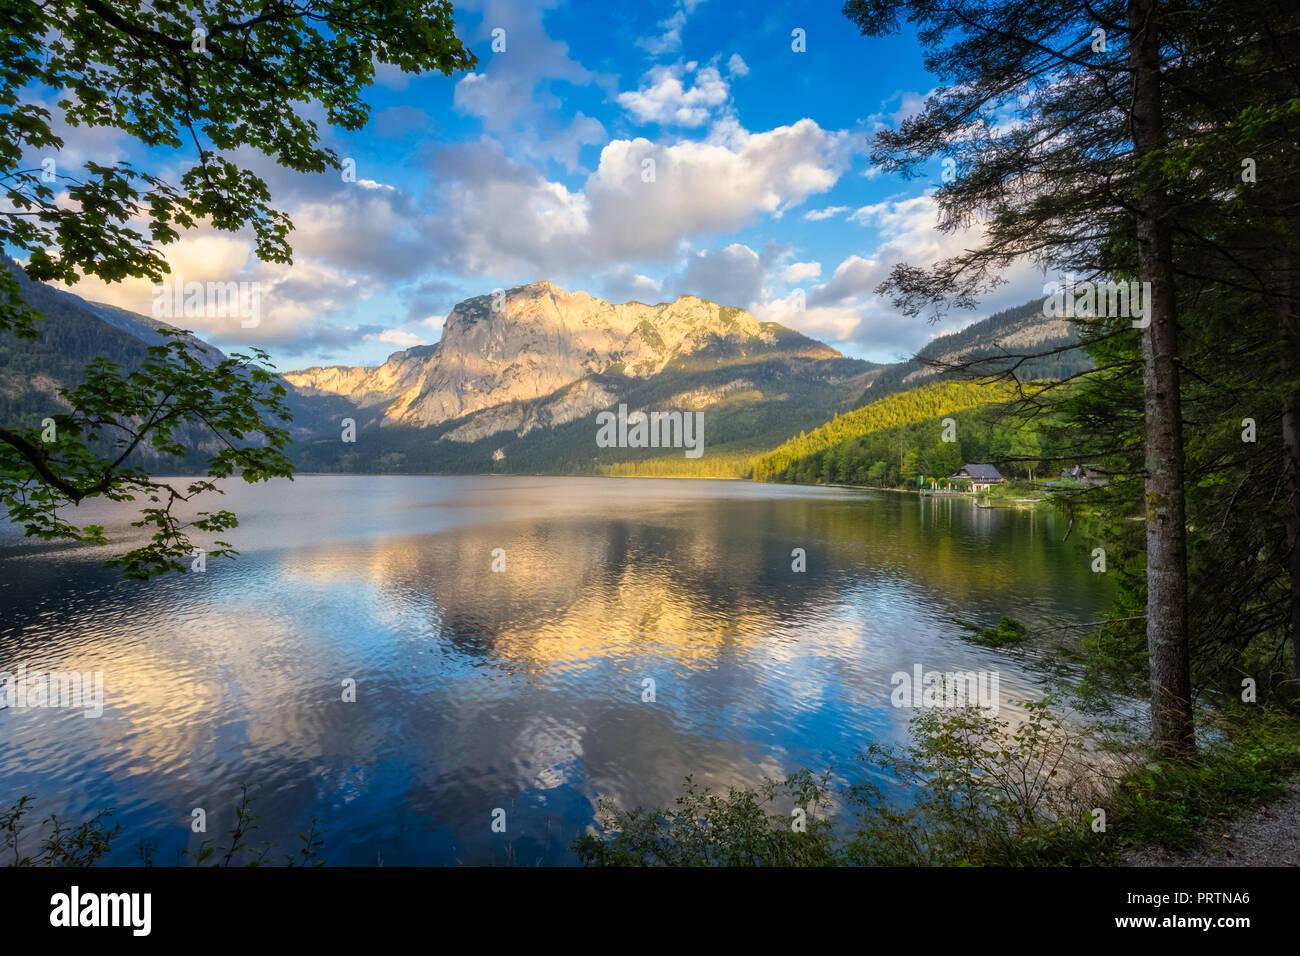 Altaussee, Austria - Stock Image